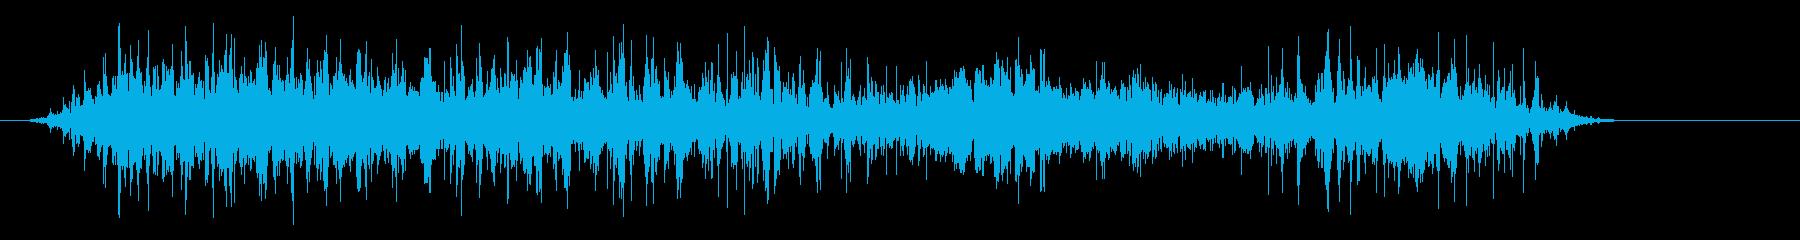 エルロシオカレタYカスコスの再生済みの波形